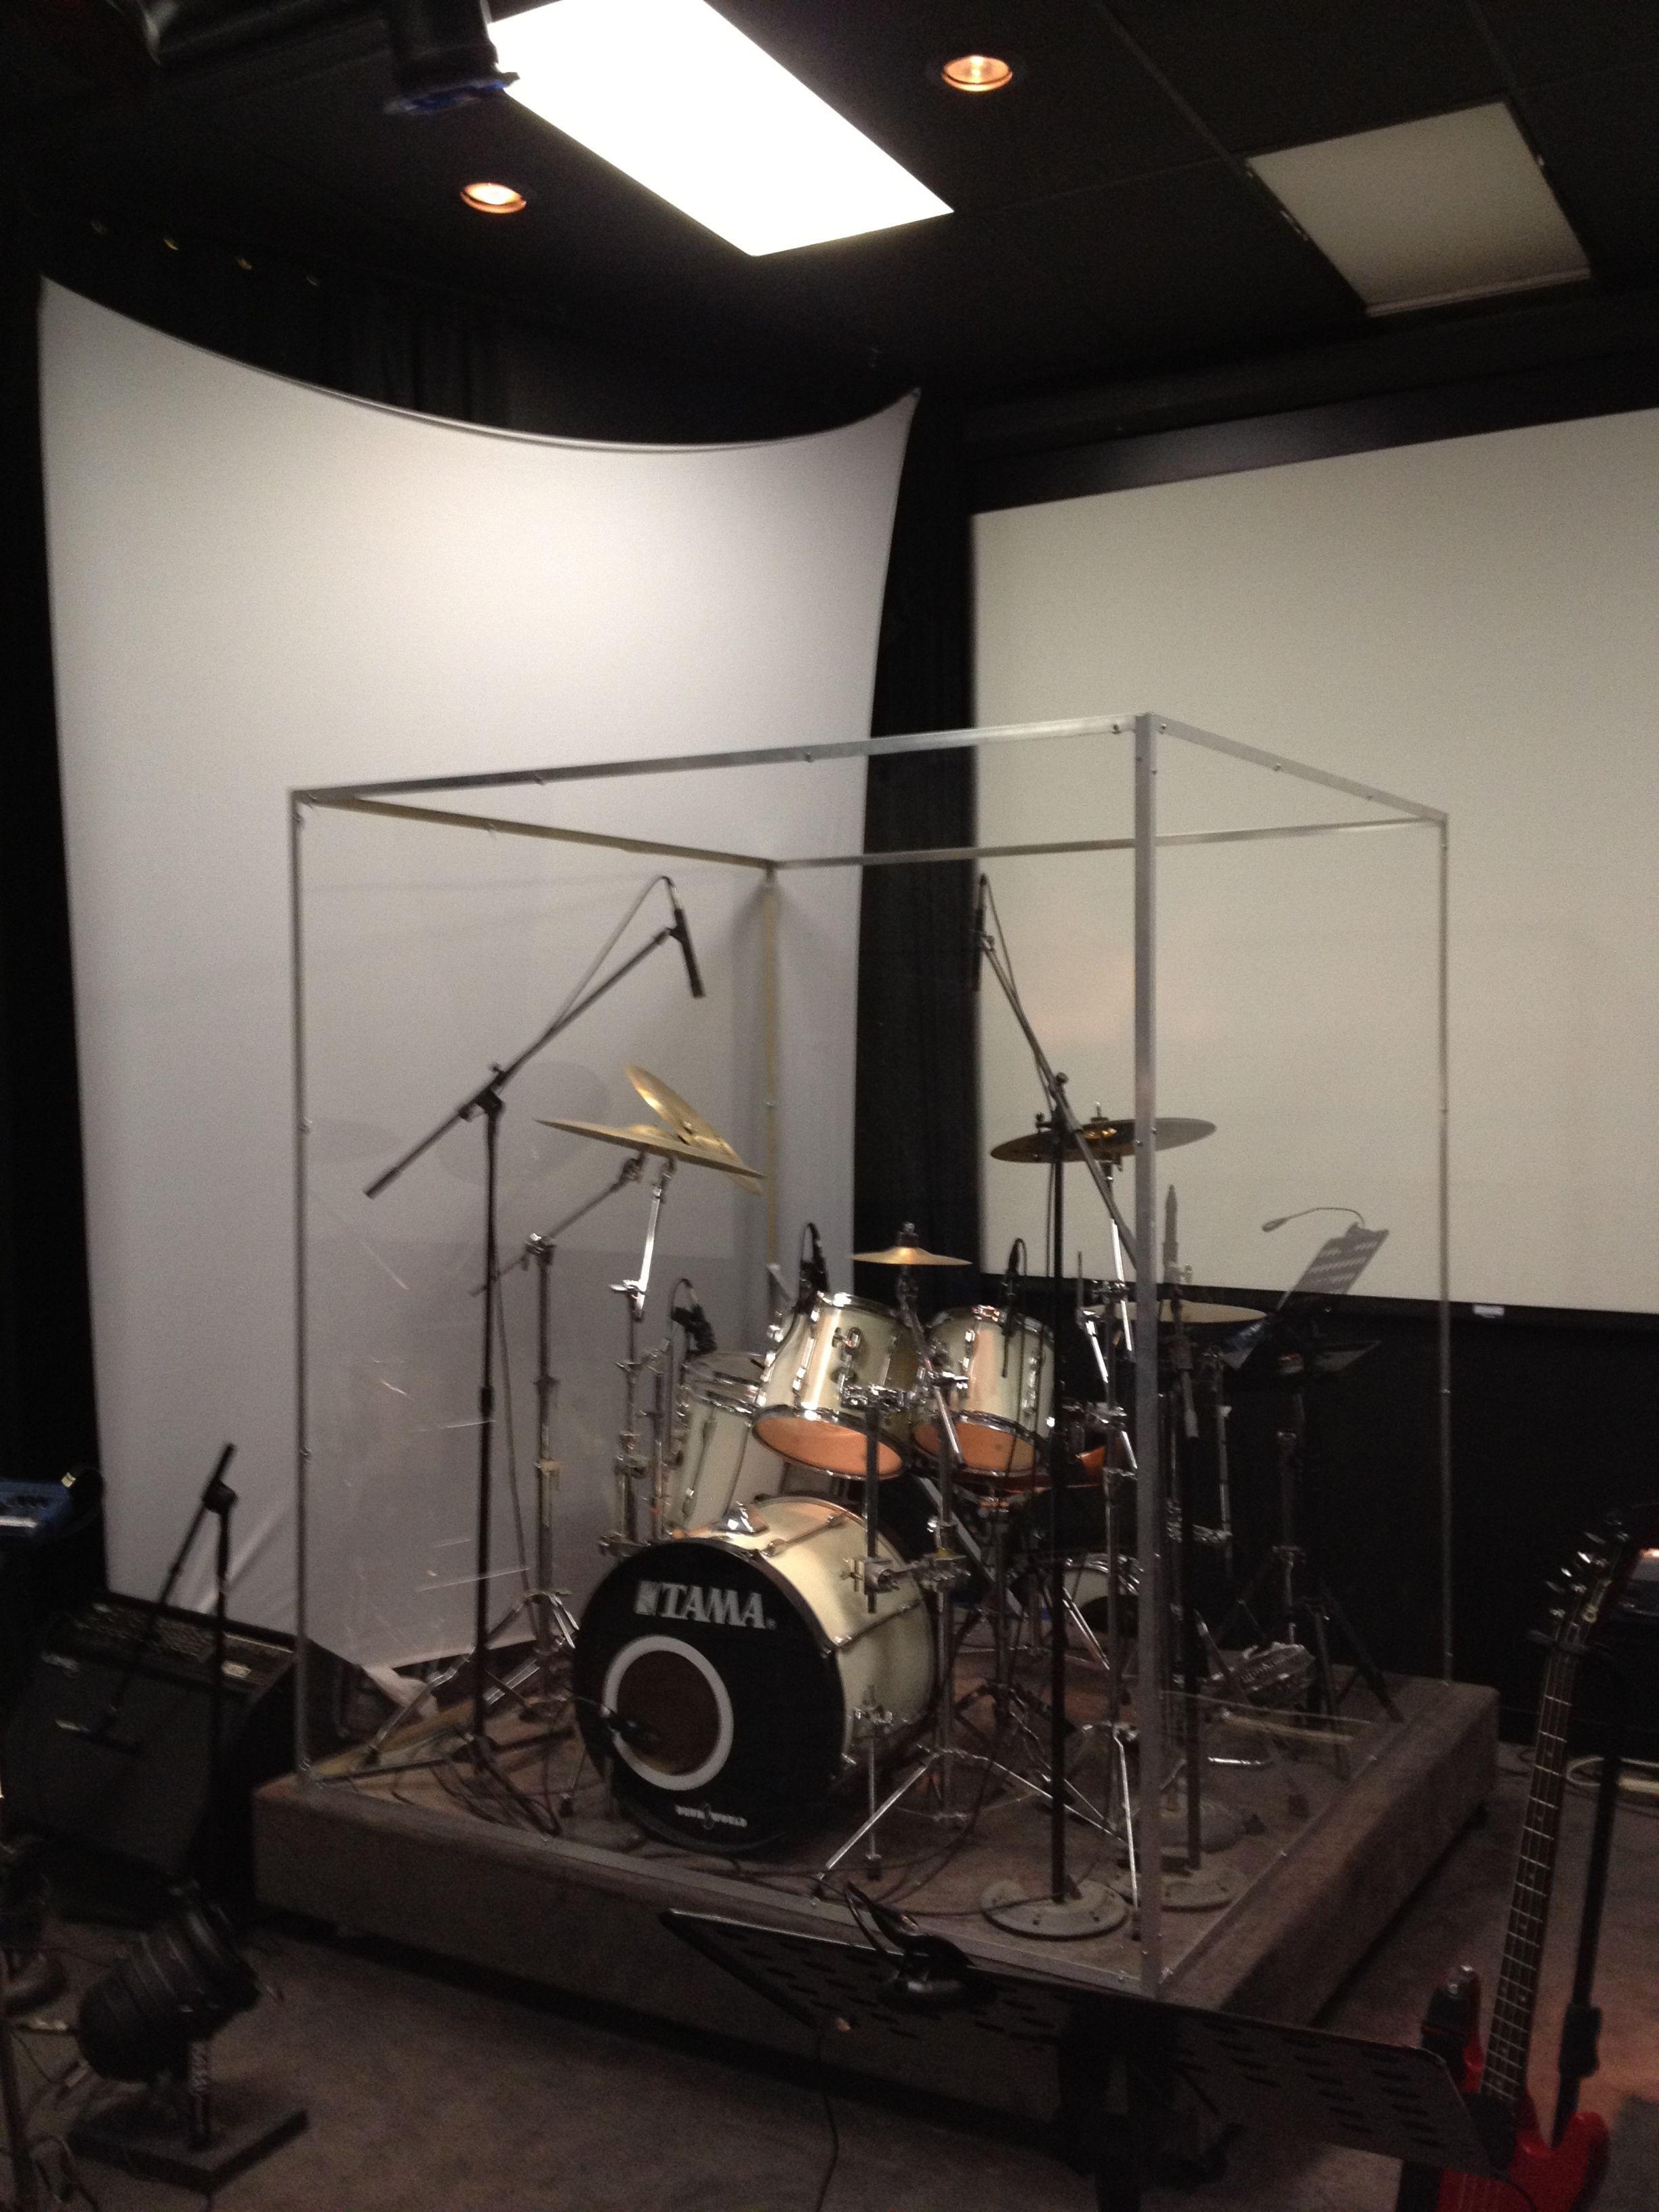 Drum Booth In 2019 Drum Room Diy Drums Drum Cage